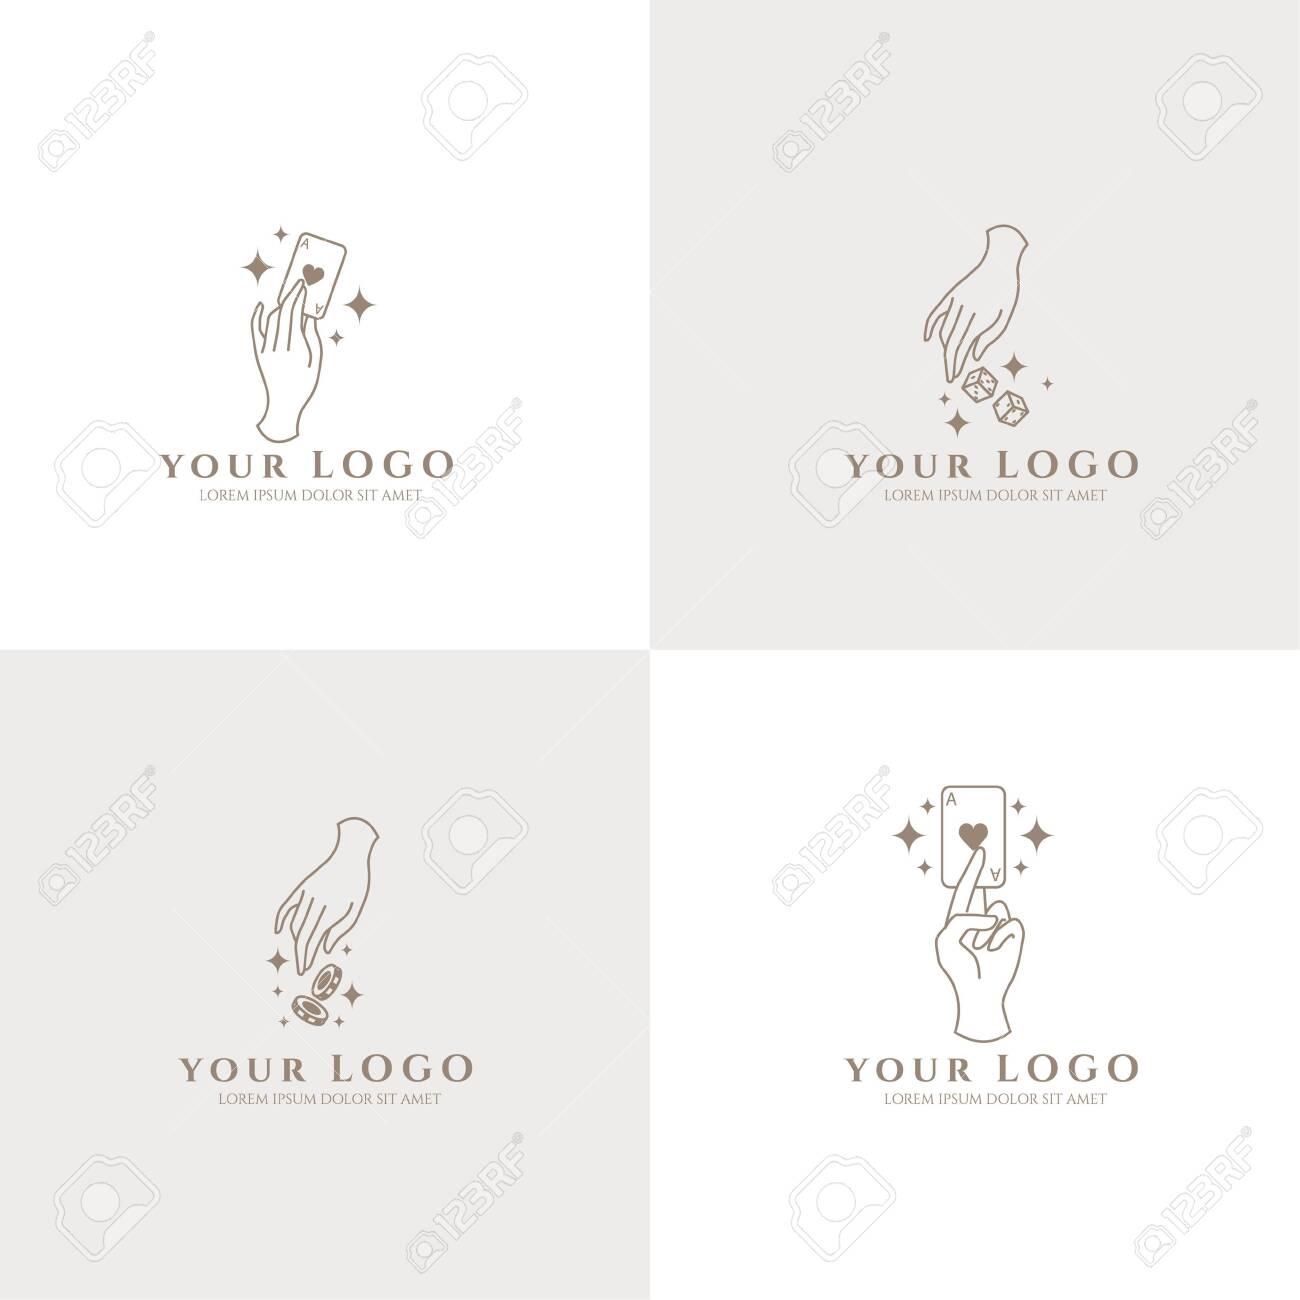 occult hand boho logo editable template card casino - 154402062